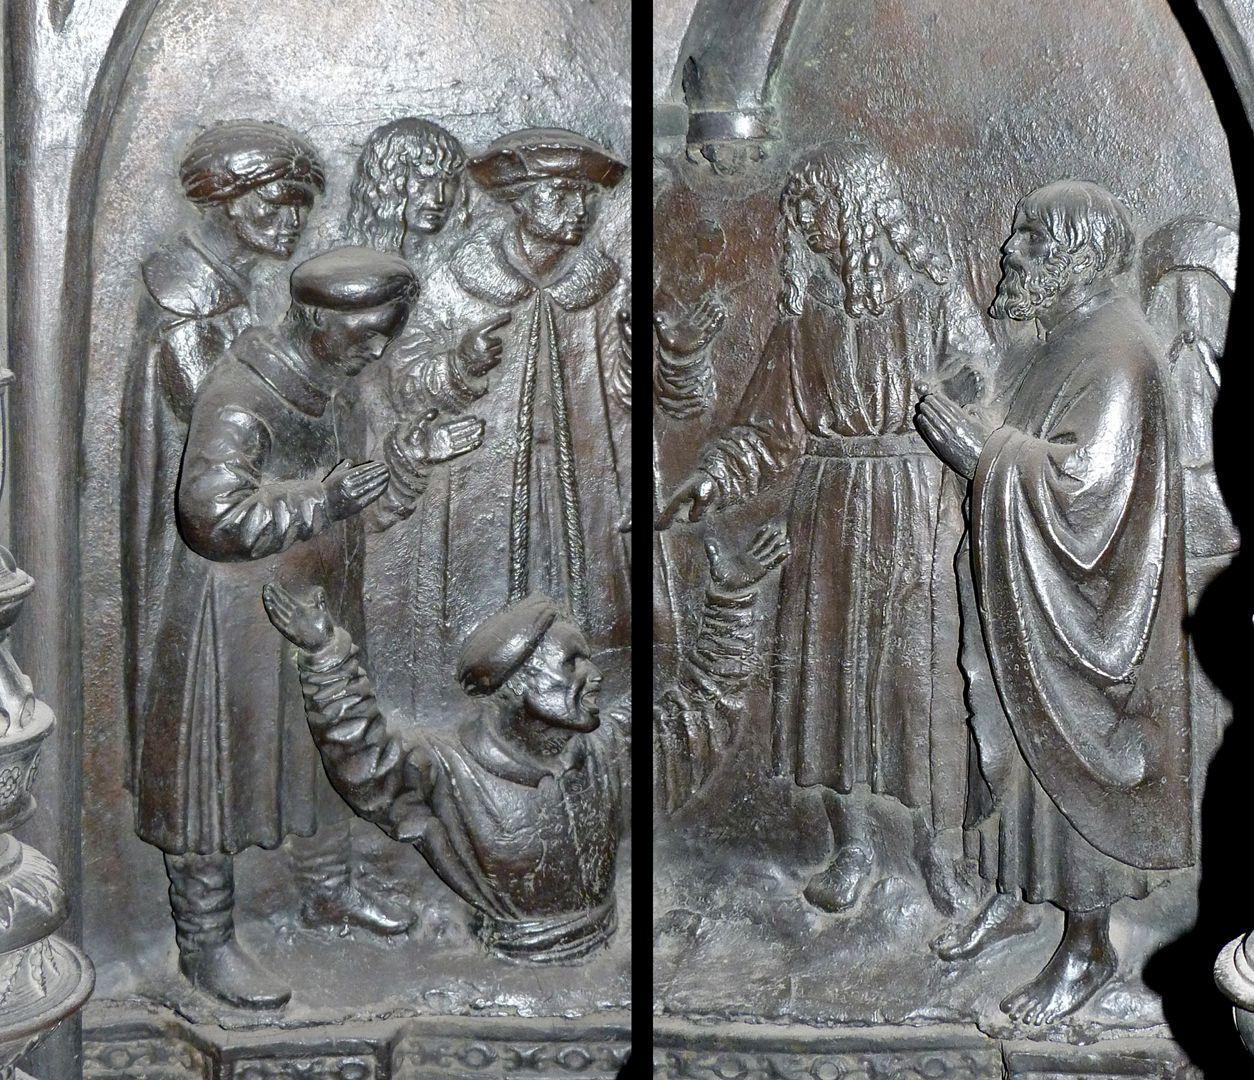 Sebaldusgrab (Südseite) Szene aus der Sebalduslengende: Ein lästernder Ketzer versinkt in einem Erdspalt (zwei Fotos)